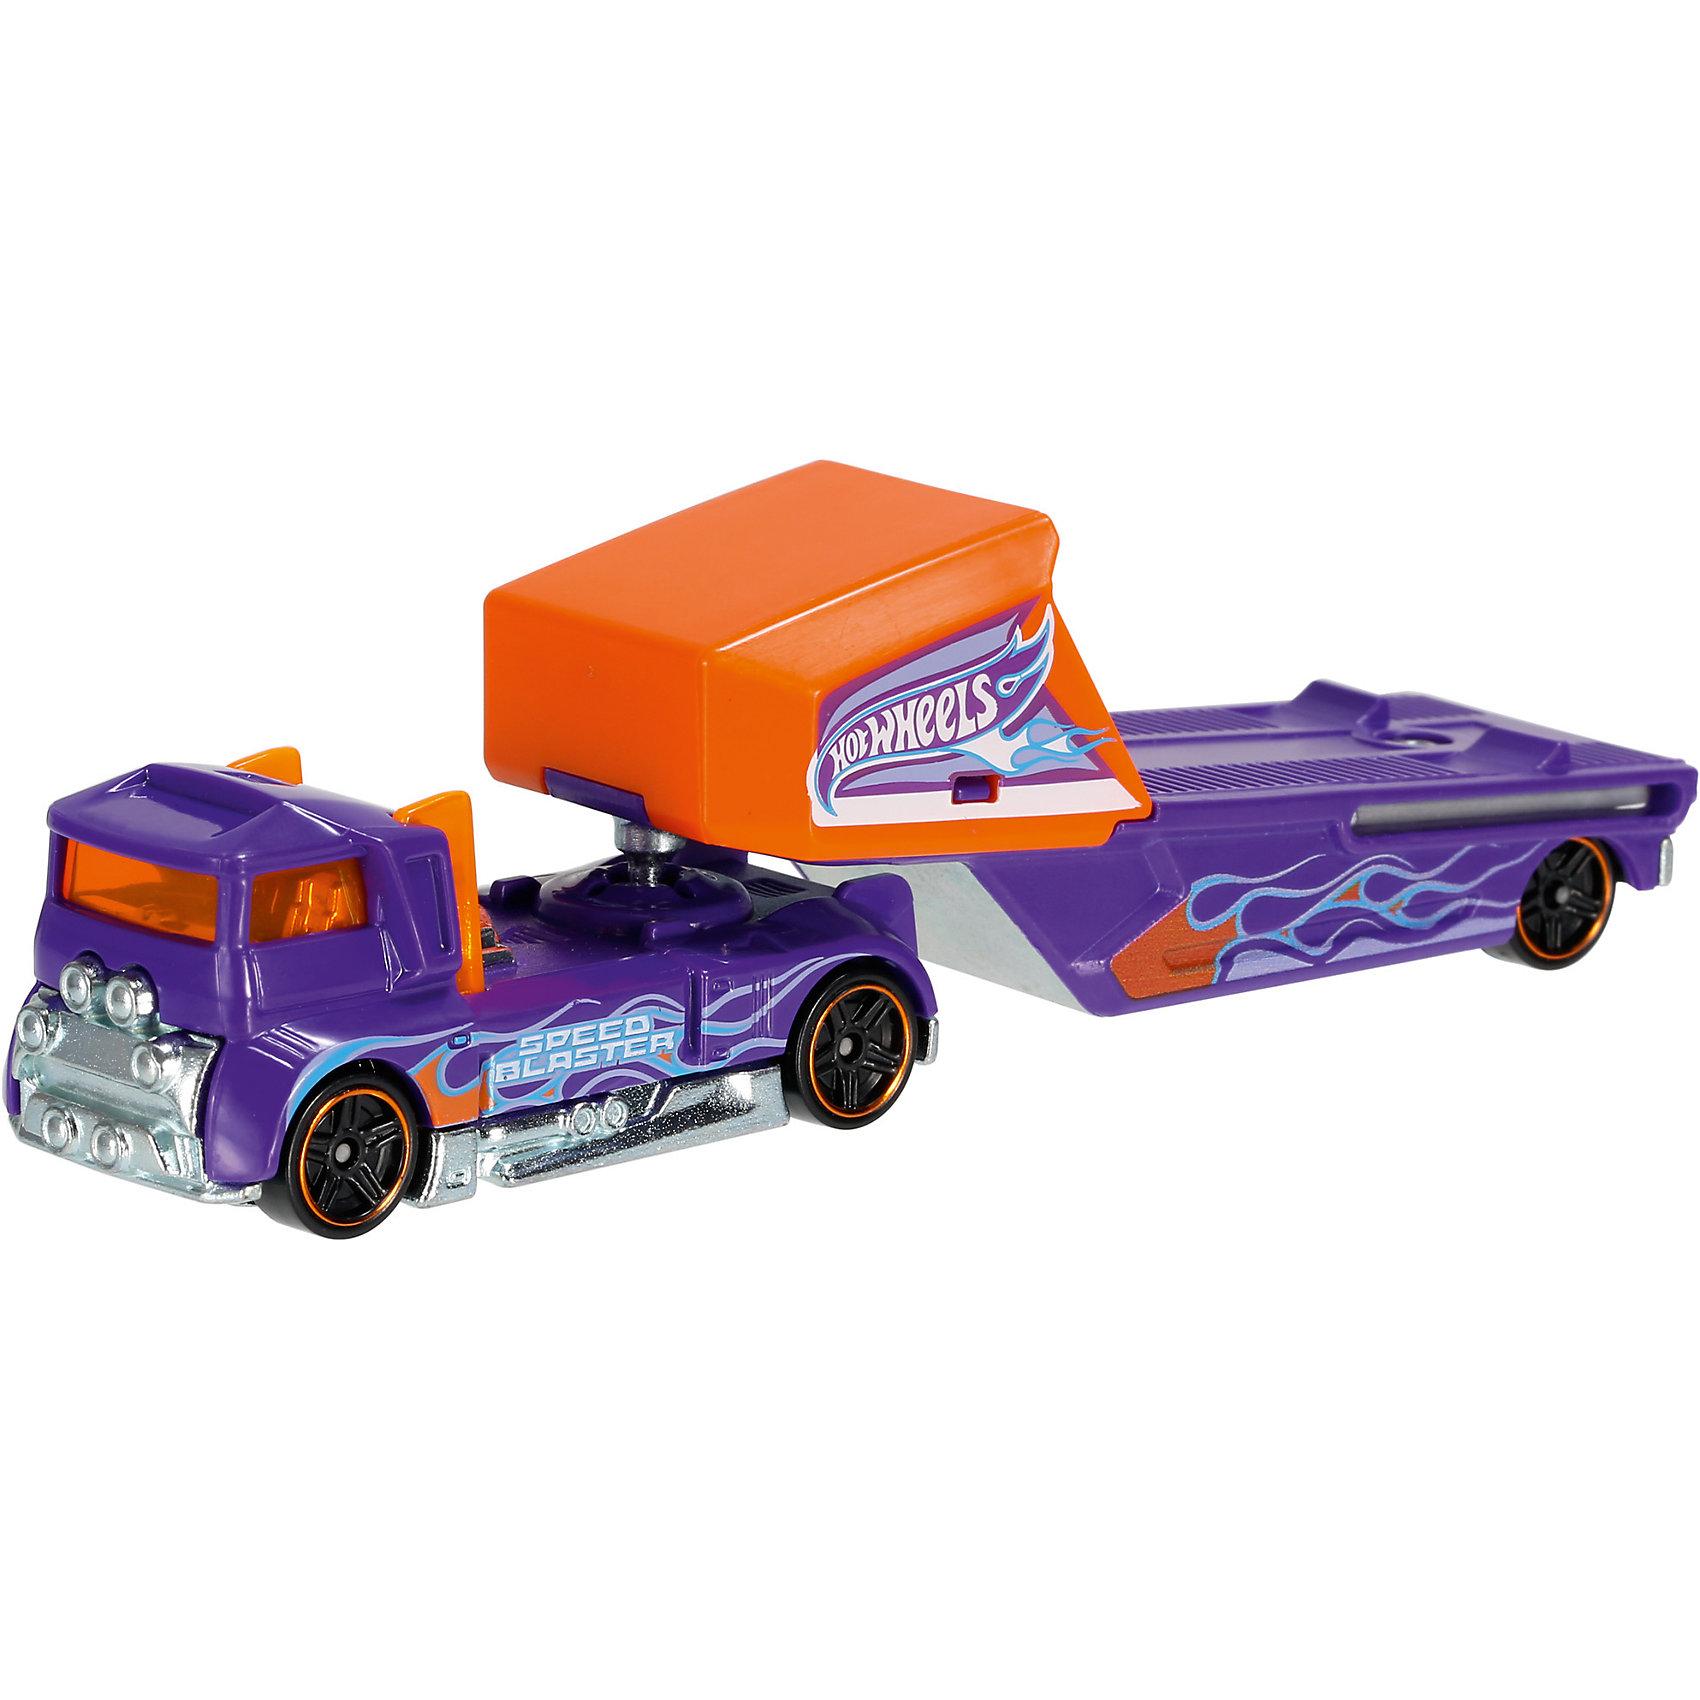 Трейлер базовой коллекции, Hot Wheels«Трейлер» базовой комплектации, Hot Wheels (Хот Вилс) – потрясающе реалистичный грузовик-трейлер, который придется по душе любому мальчишке.  Трейлер выполнен из металла, а значит сможет выдержать любые испытания, которые приготовит для него Ваш ребенок. В трейлерах-грузовиках Hot Wheels (Хот Вилс) есть возможность менять прицепы, что позволяет каждый раз создавать новые комбинации.  <br><br>Дополнительная информация: <br><br>- Материал: пластик <br>- Длина: около 28 см  <br><br>«Трейлер» базовой комплектации, Hot Wheels (Хот Вилс) – прекрасный подарок для Вашего ребенка. Ему непременно захочется собрать всю коллекцию и каждый раз создавать новый вид трейлеров.  <br><br>«Трейлер» базовой комплектации, Hot Wheels (Хот Вилс) можно купить в нашем магазине.<br><br>Ширина мм: 40<br>Глубина мм: 130<br>Высота мм: 110<br>Вес г: 126<br>Возраст от месяцев: 48<br>Возраст до месяцев: 96<br>Пол: Мужской<br>Возраст: Детский<br>SKU: 4918787